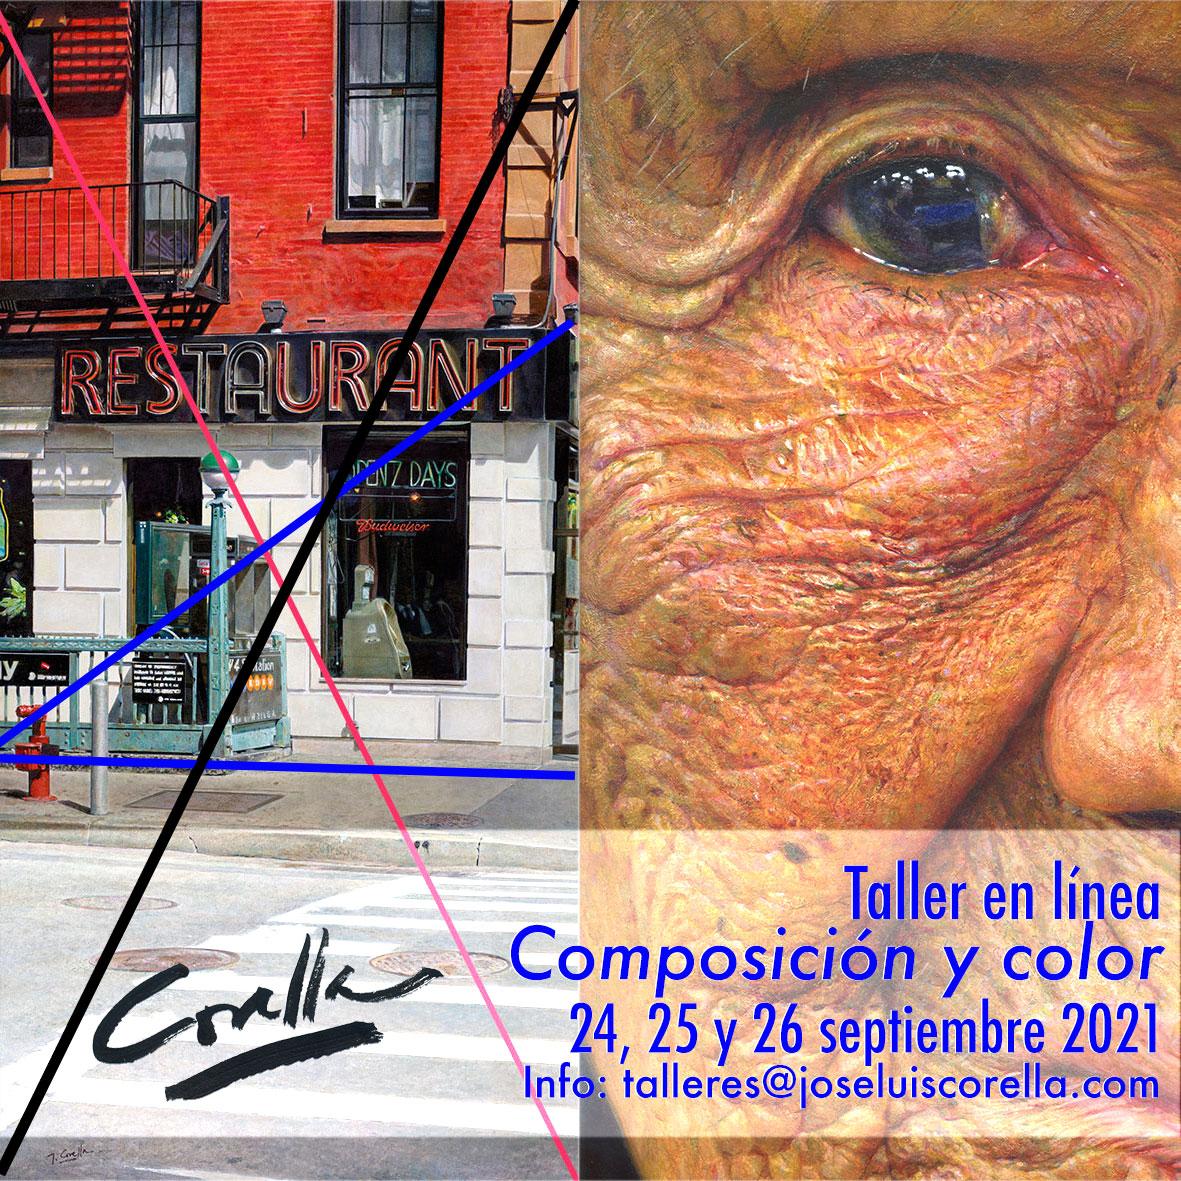 Taller en linea - Composición y color